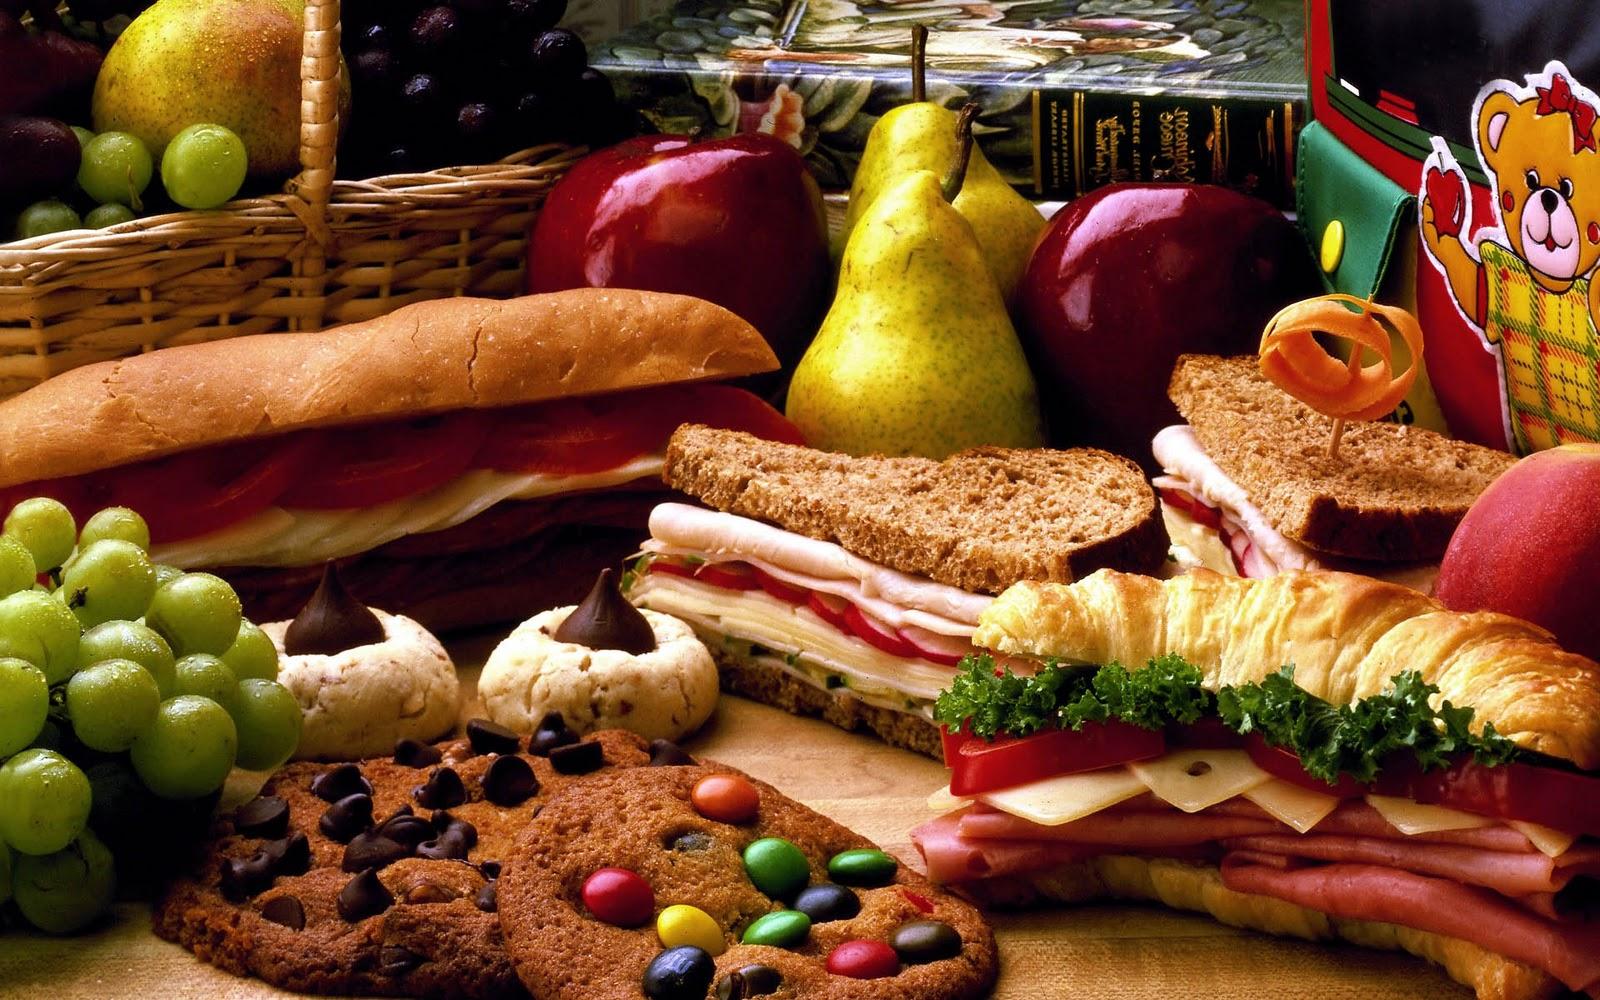 Mooie Eten Achtergronden Leuke Hd Eten Wallpapers Afbeelding Voedsel